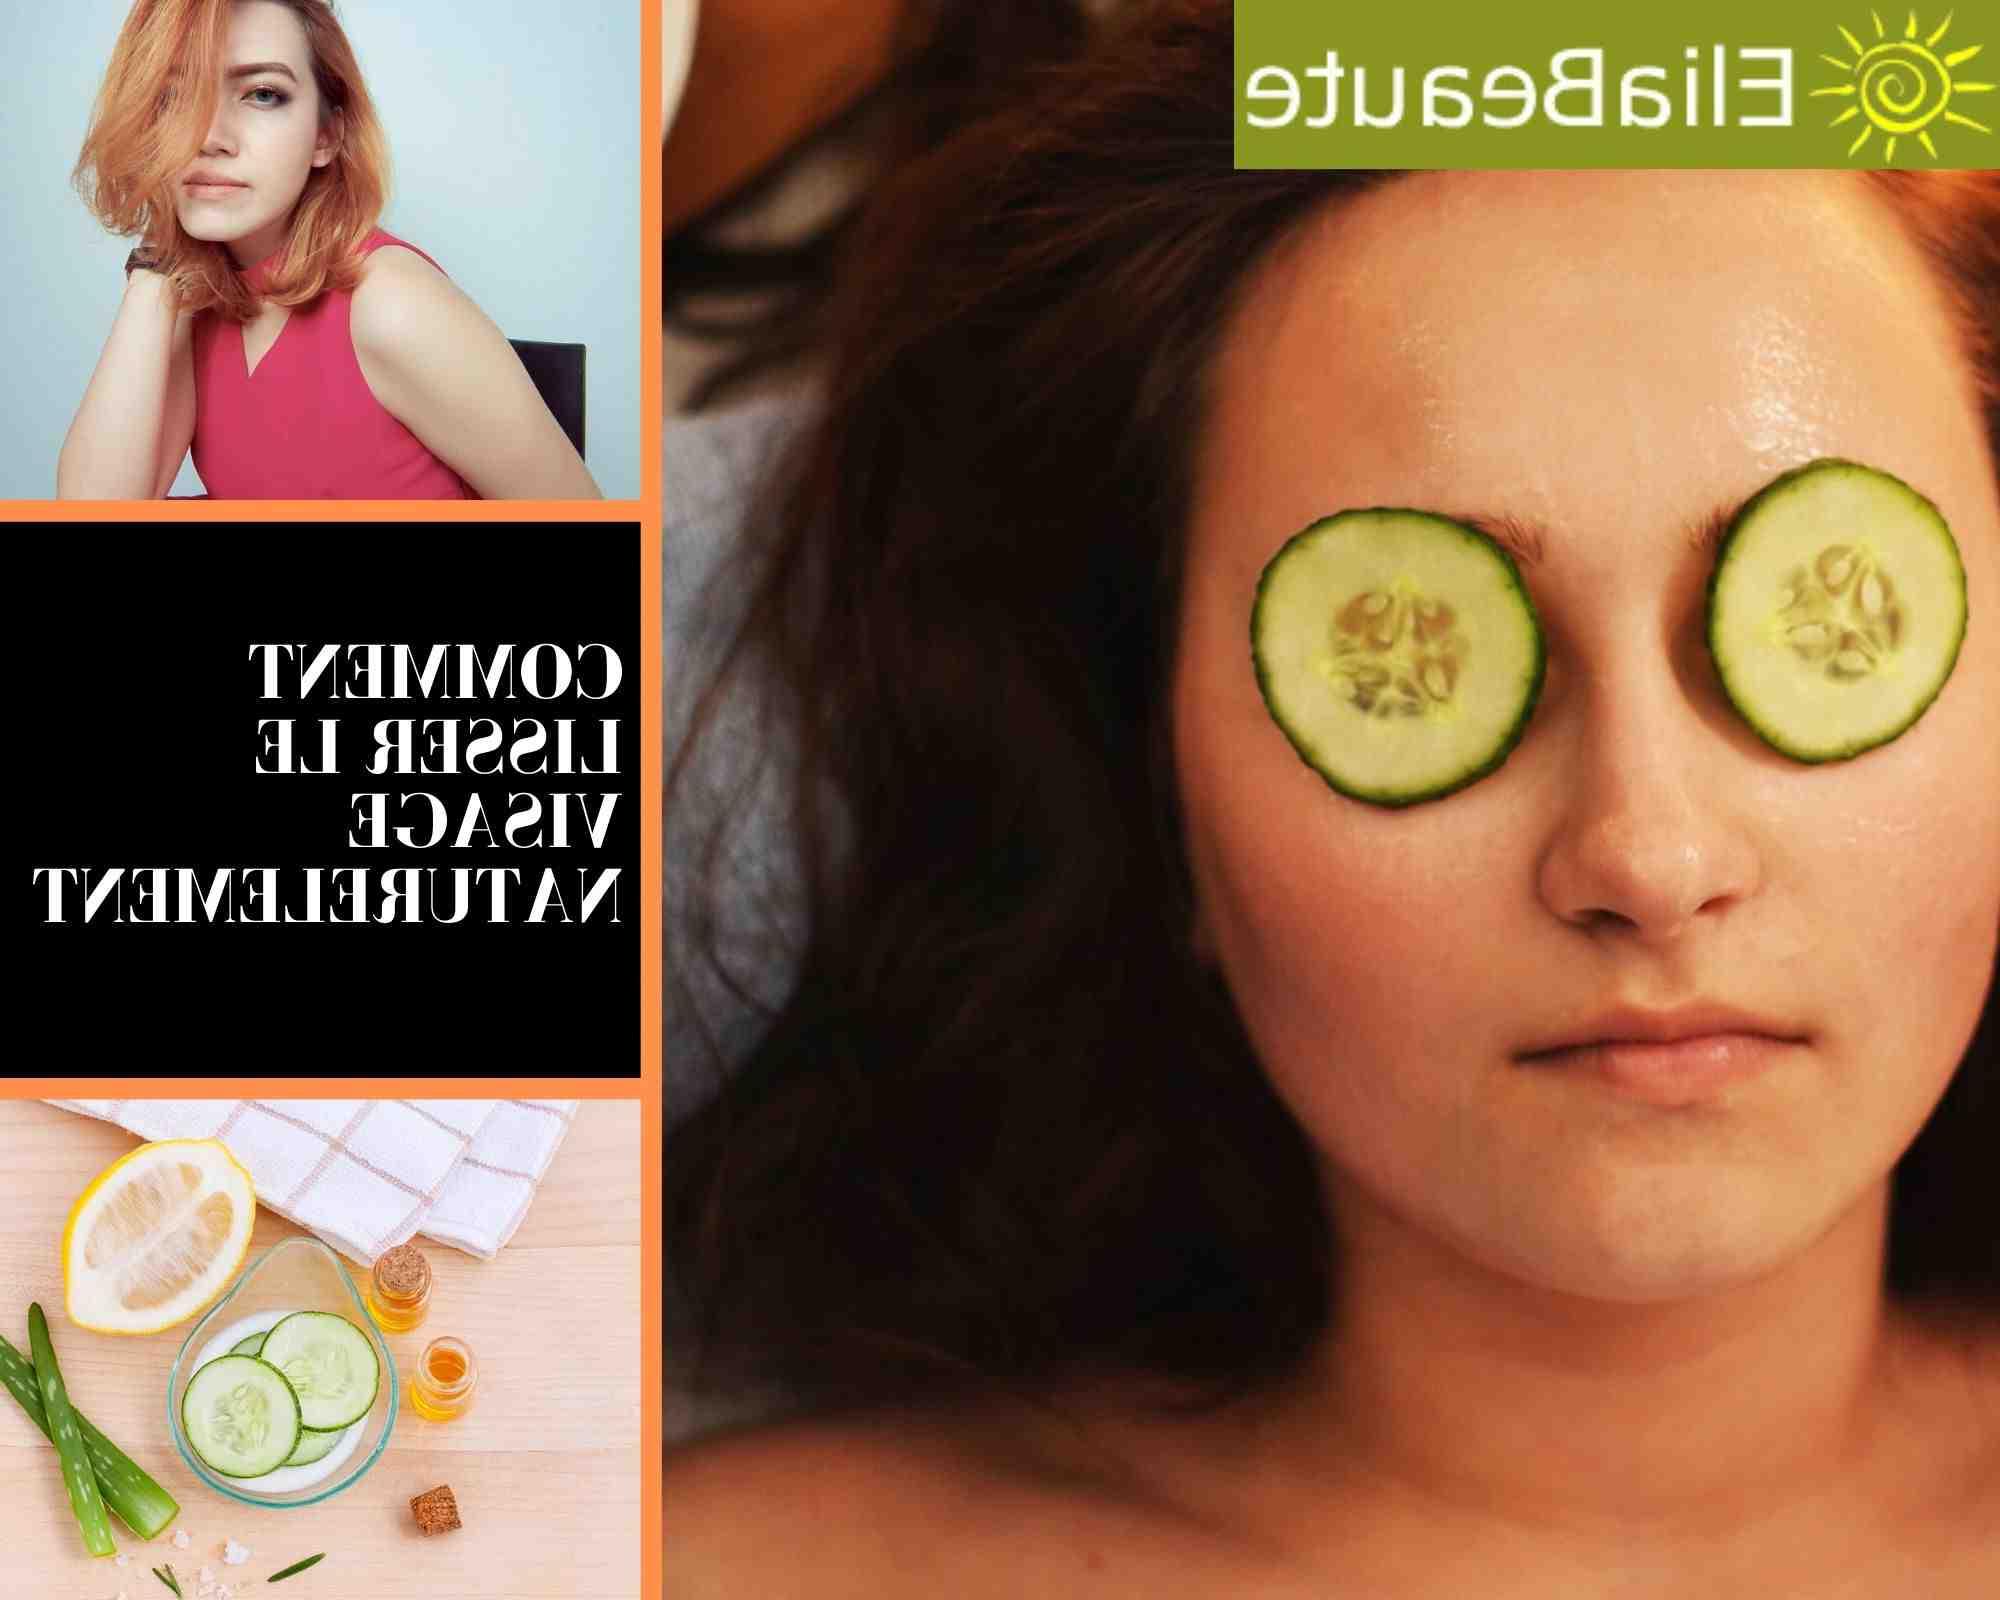 Comment enlever les imperfections du visage naturellement ?